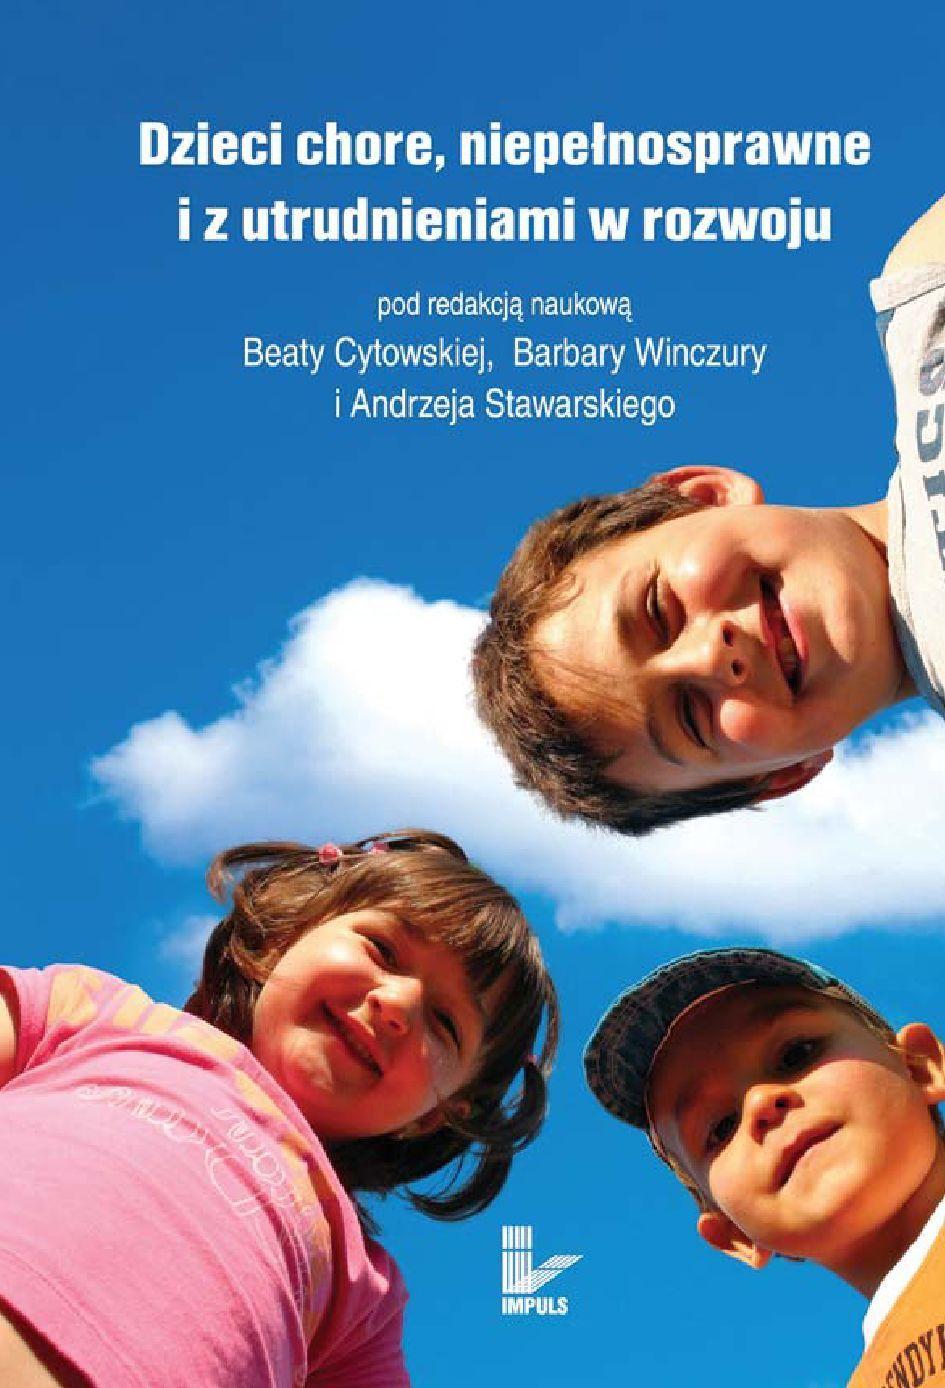 Dzieci chore, niepełnosprawne i z utrudnieniami w rozwoju - Ebook (Książka PDF) do pobrania w formacie PDF